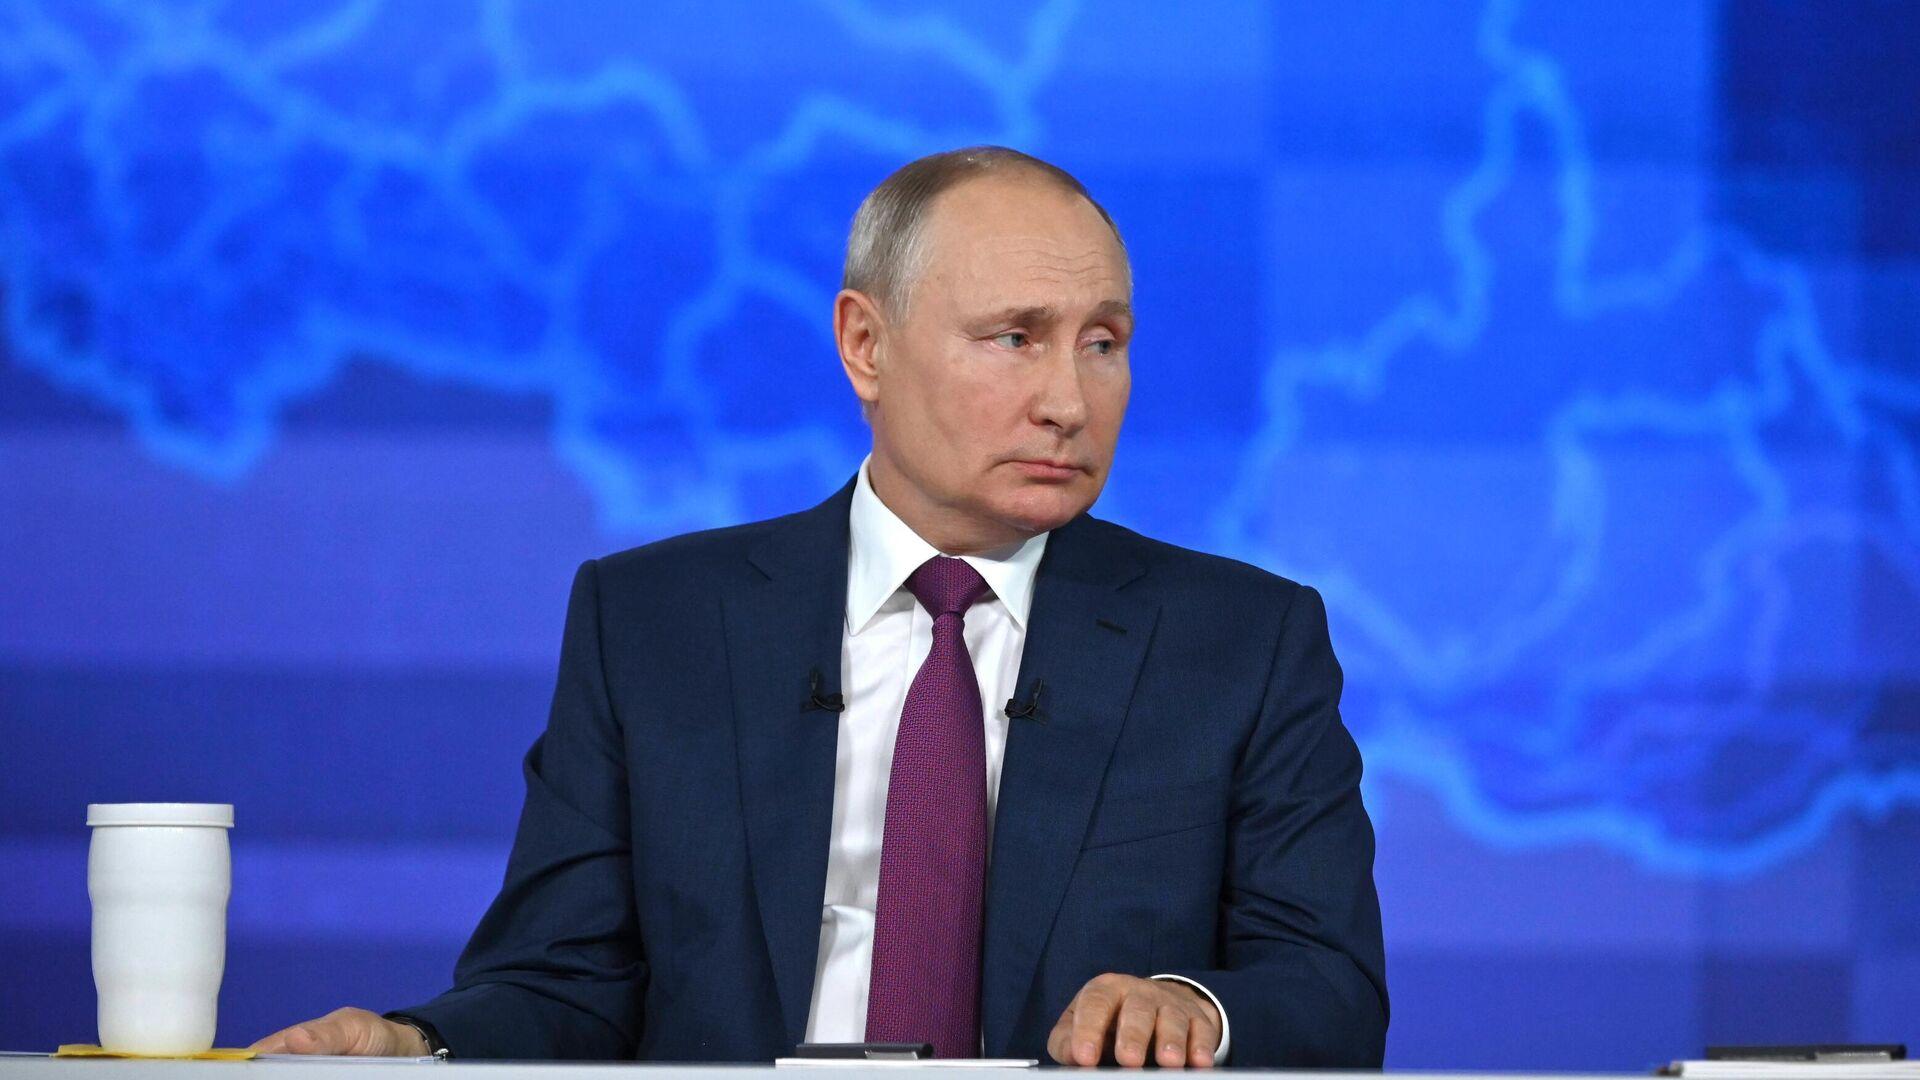 Президент РФ Владимир Путин отвечает на вопросы во время ежегодной специальной программы Прямая линия с Владимиром Путиным - РИА Новости, 1920, 30.06.2021